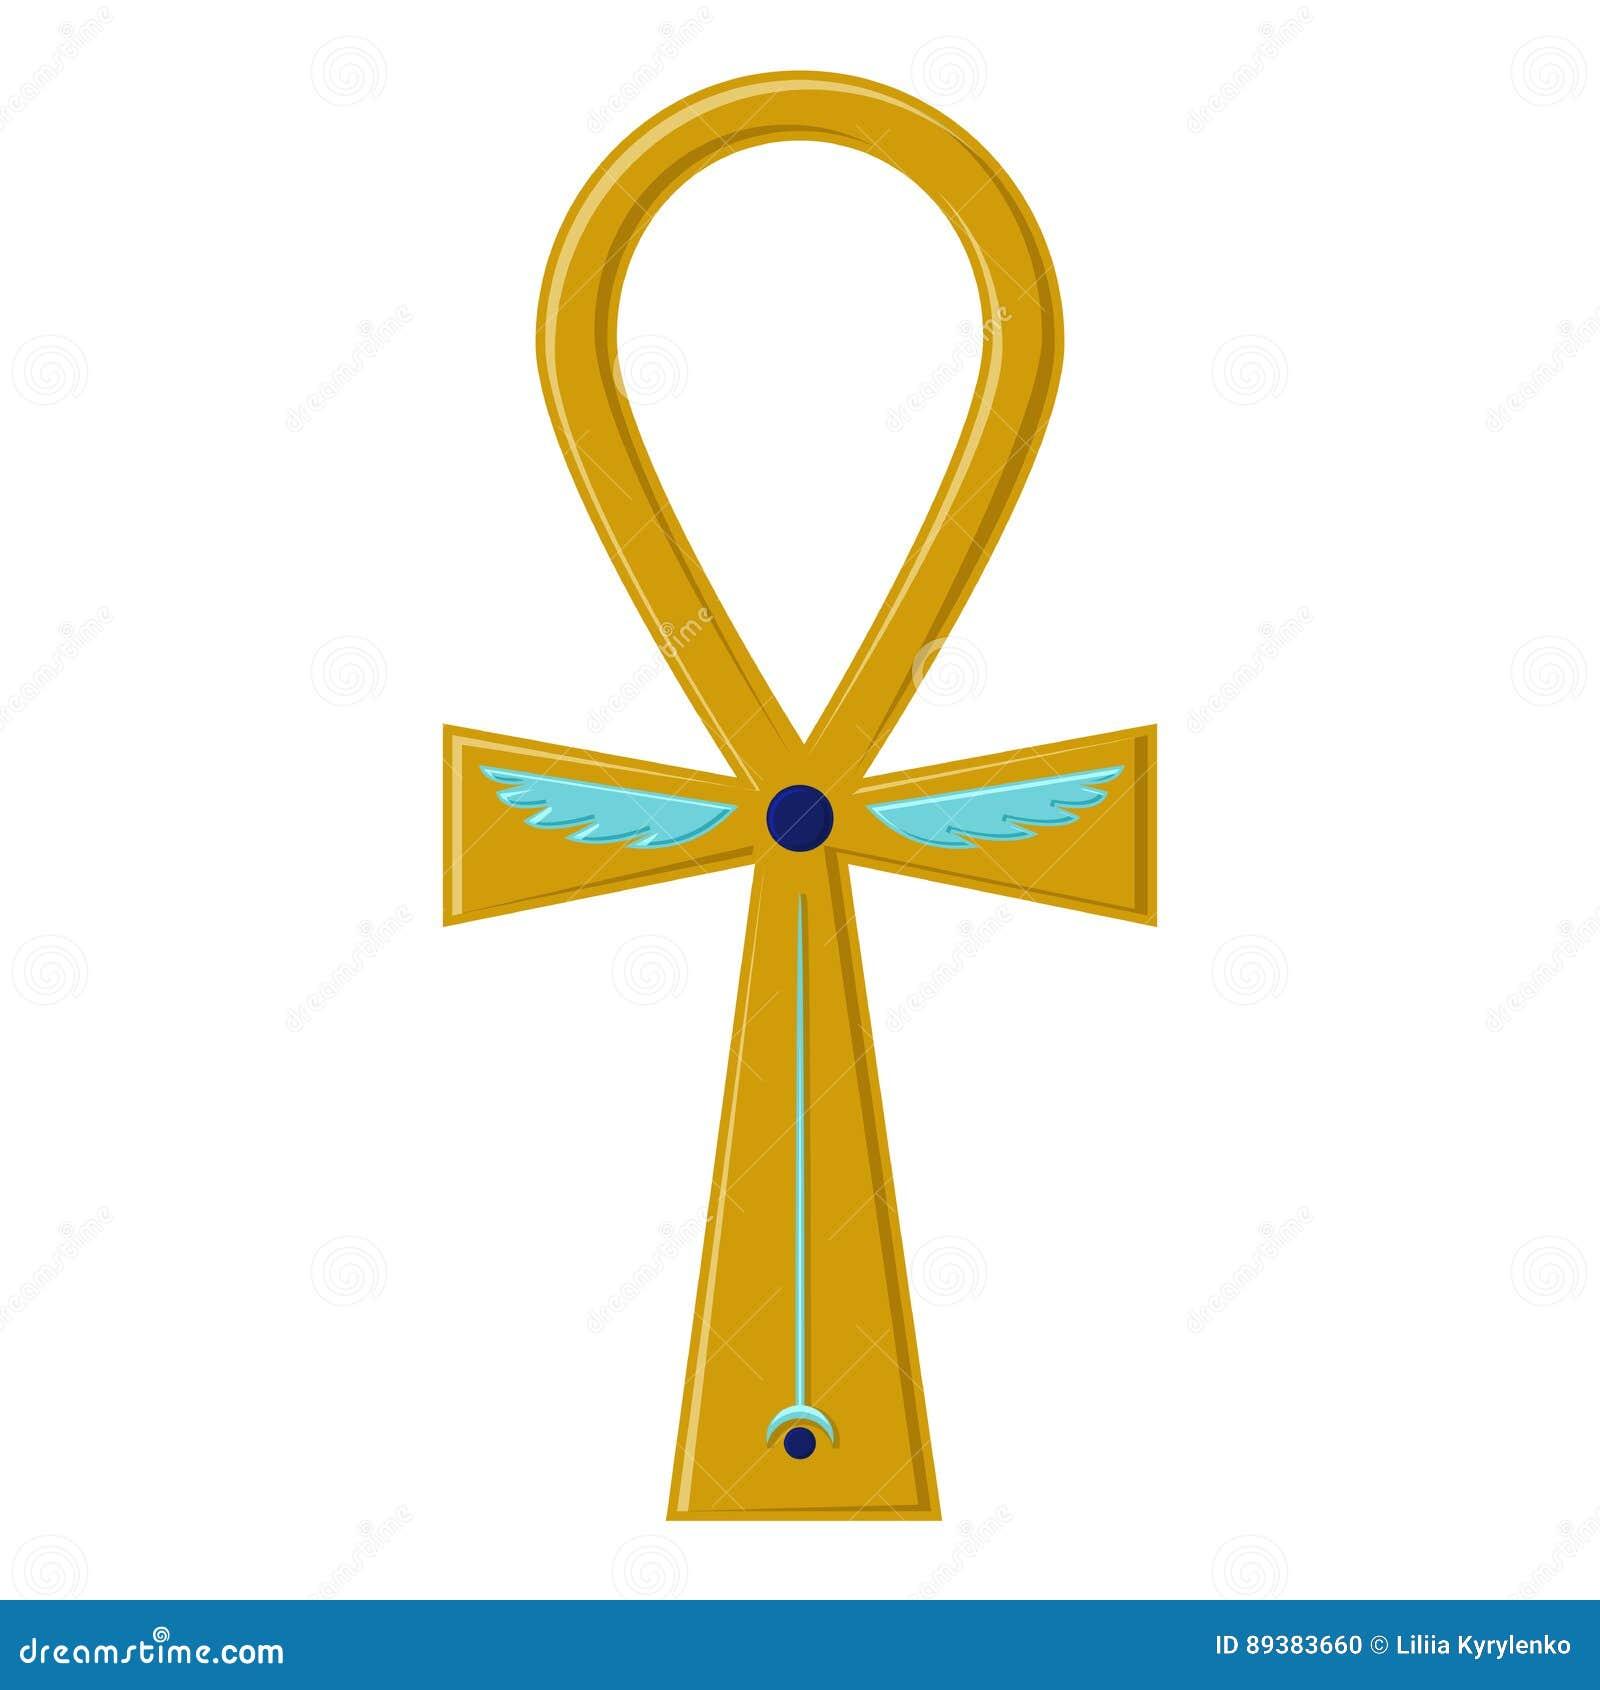 Signe religieux de la croix gyptienne antique ankh un symbole de la vie symboles de l 39 egypte - Symbole de la vie ...